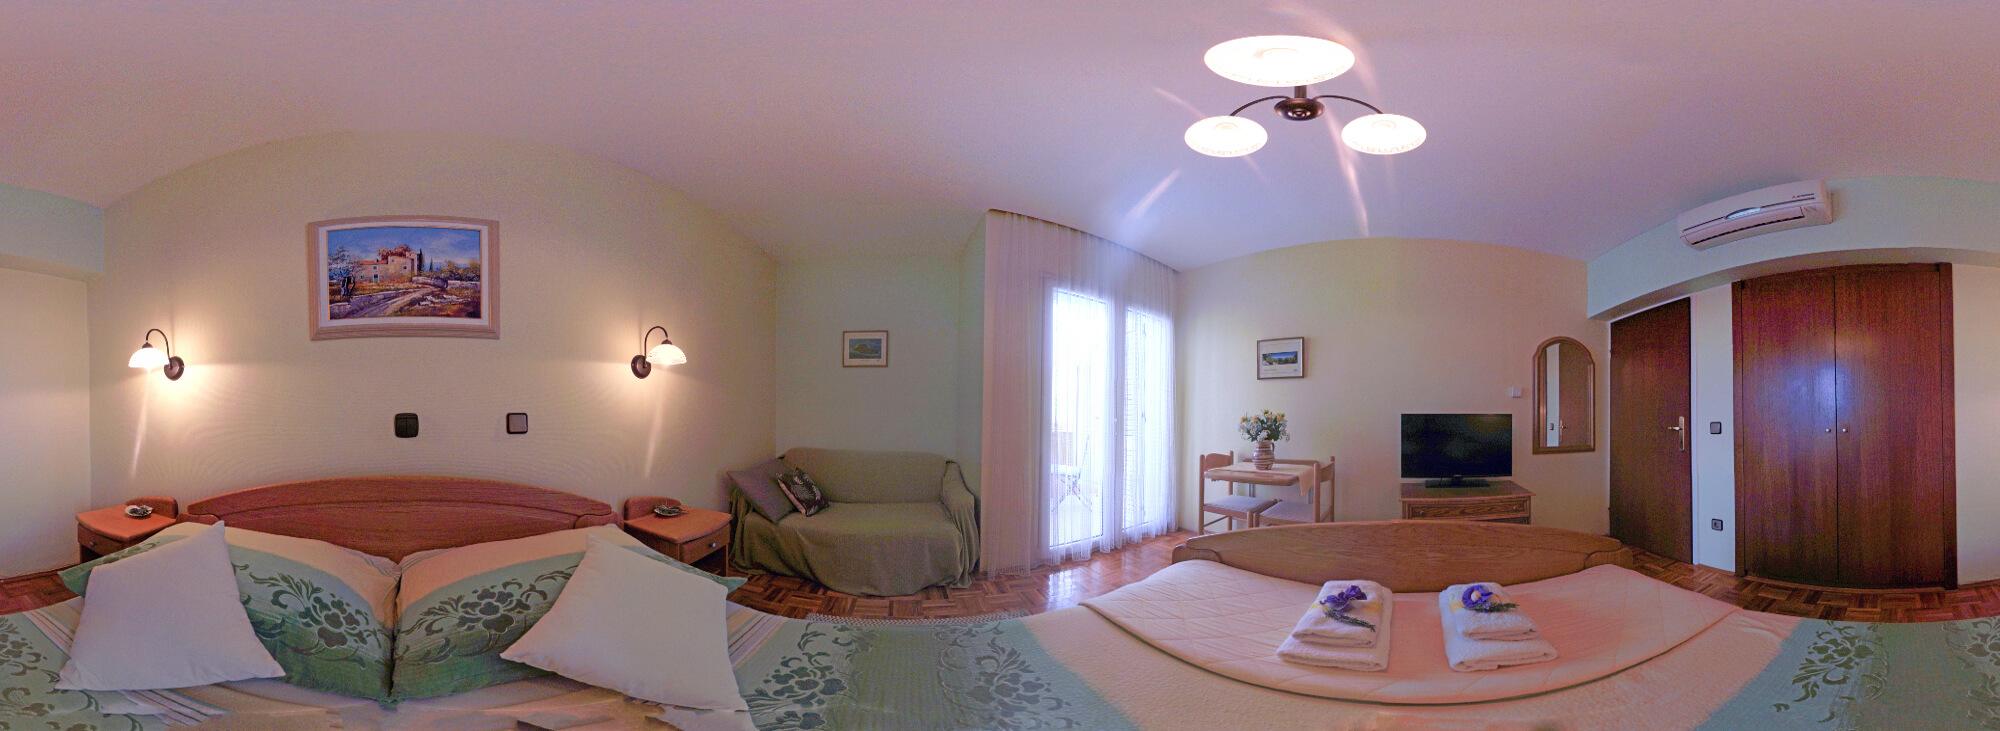 room 5- 360